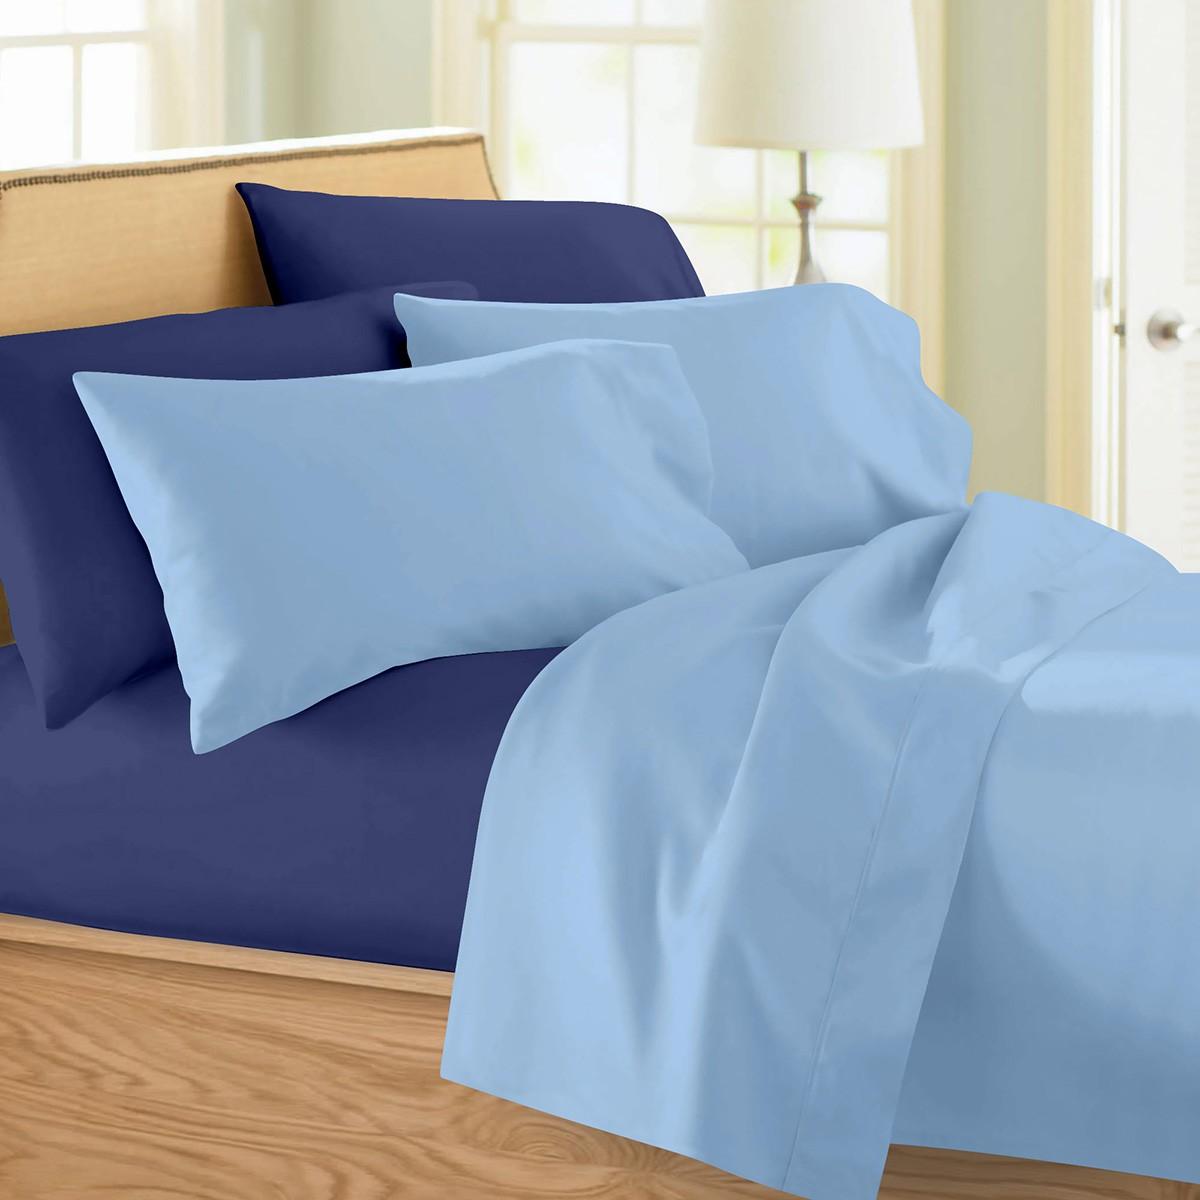 Σεντόνια Υπέρδιπλα (Σετ) Maison Blanche 11002 Γαλάζιο/Μπλε